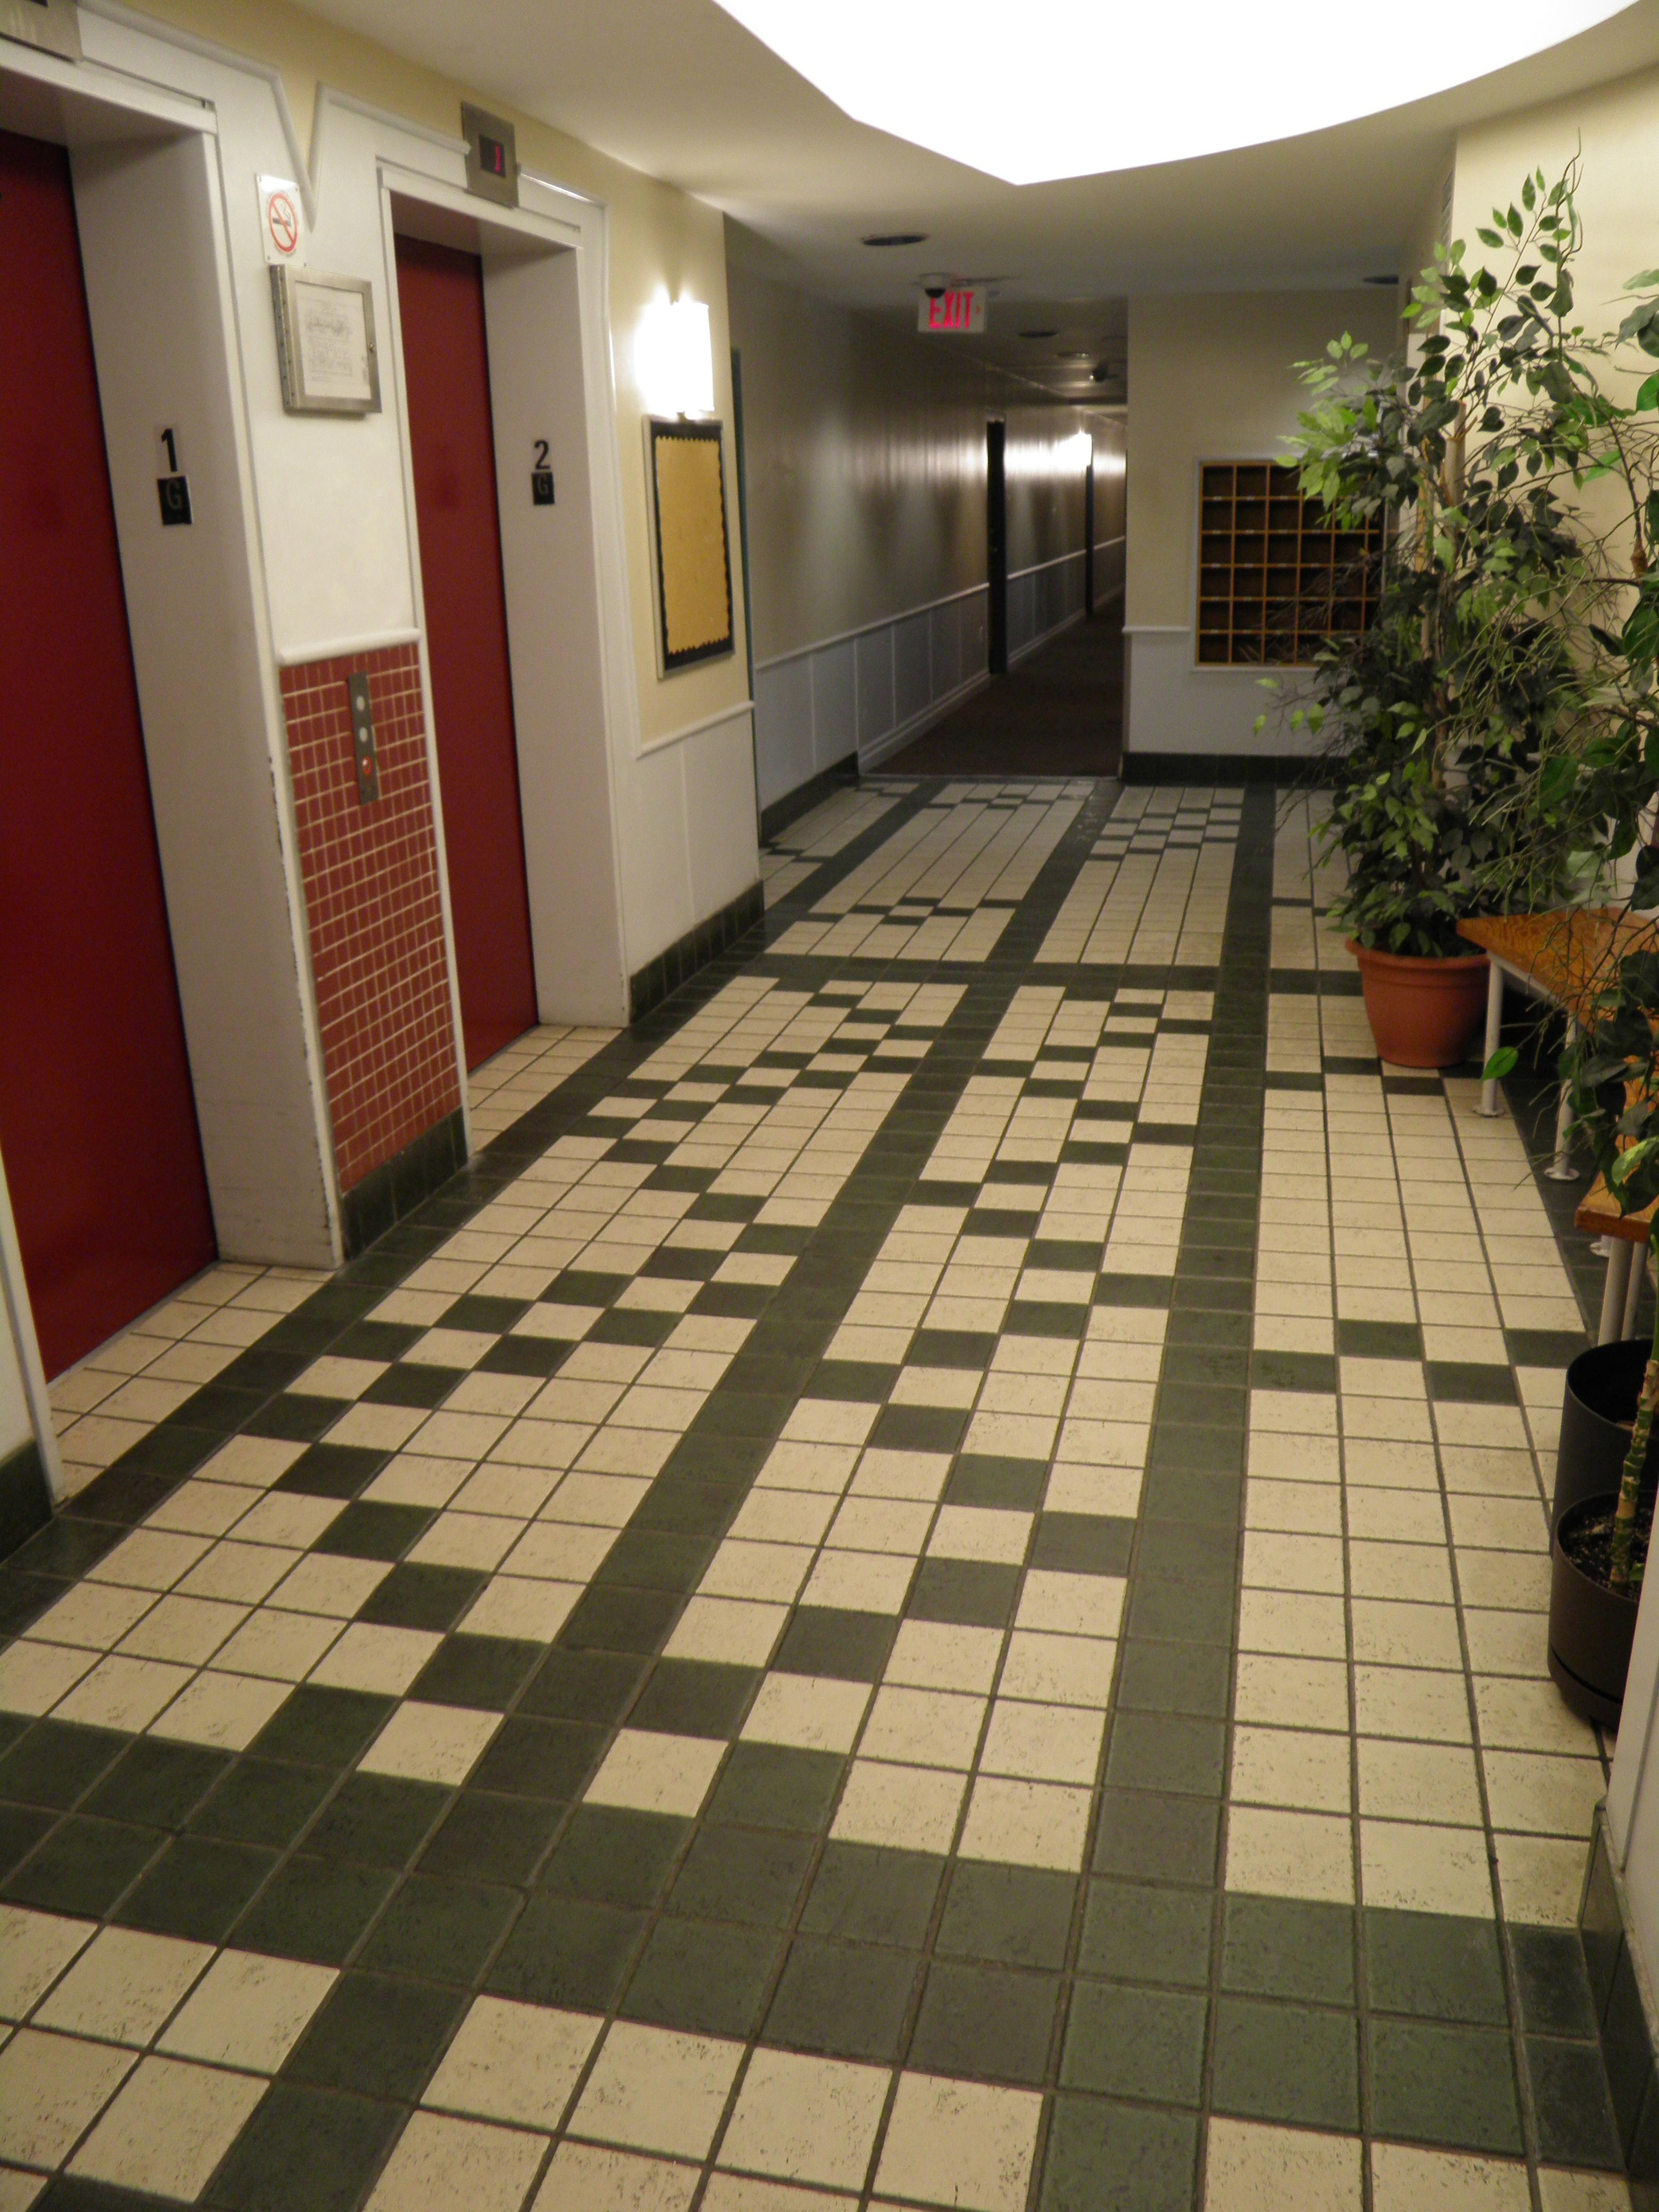 Main Lobby tiles